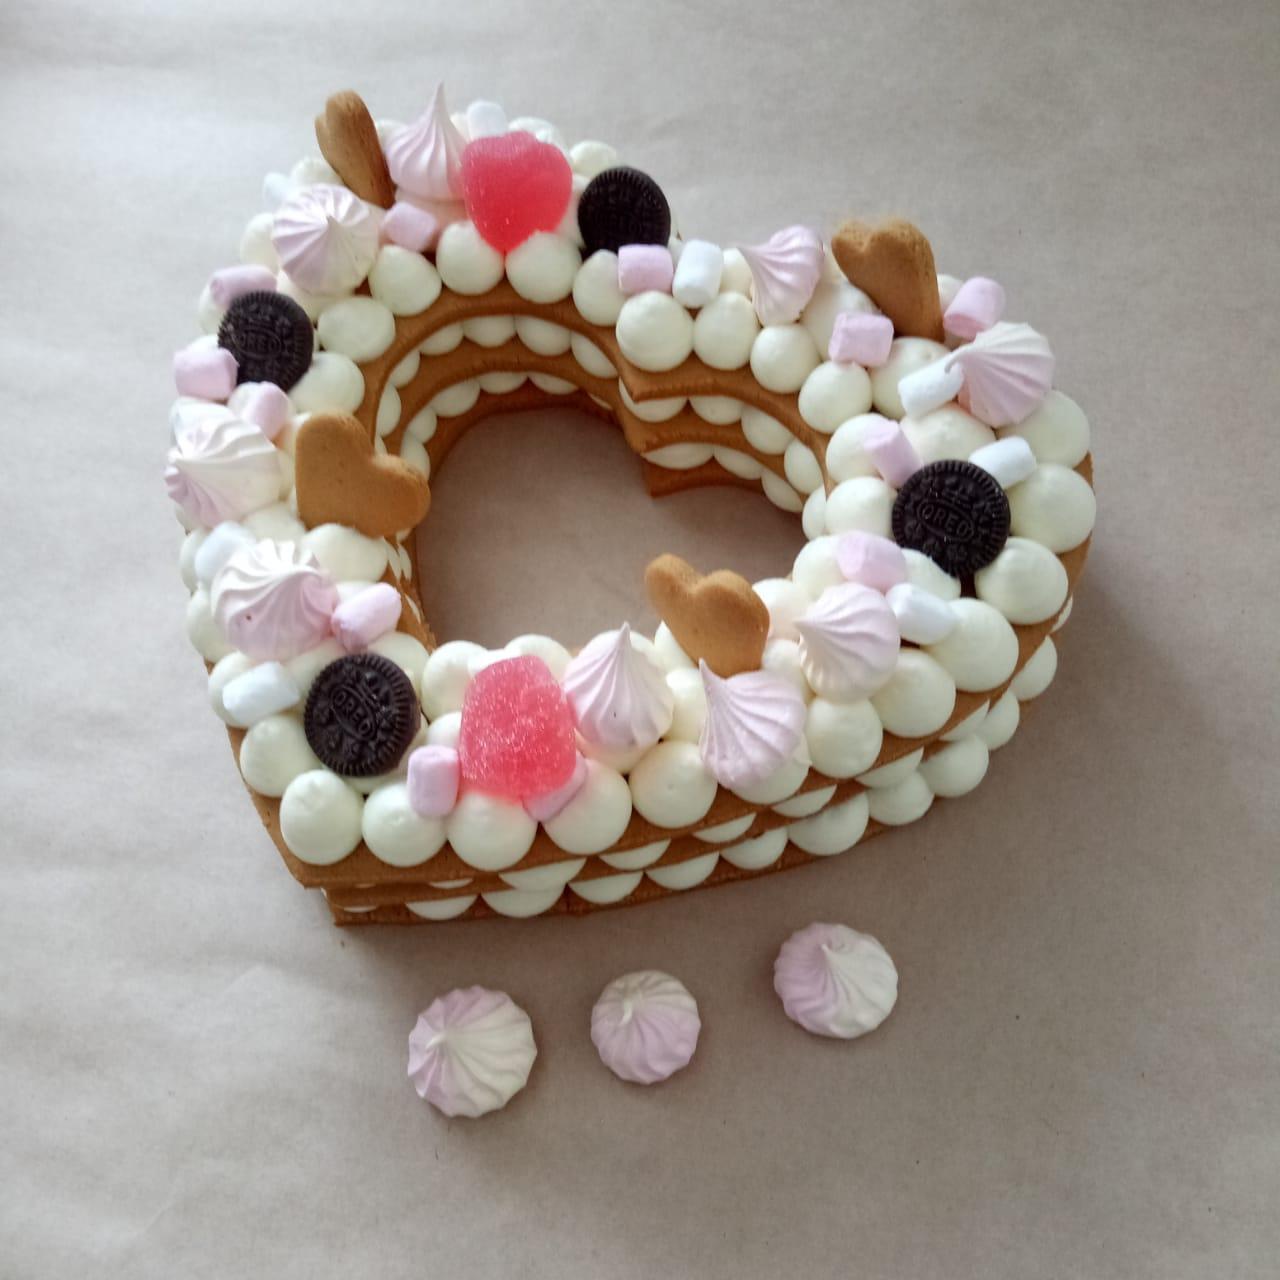 کیک بیسکوکیک